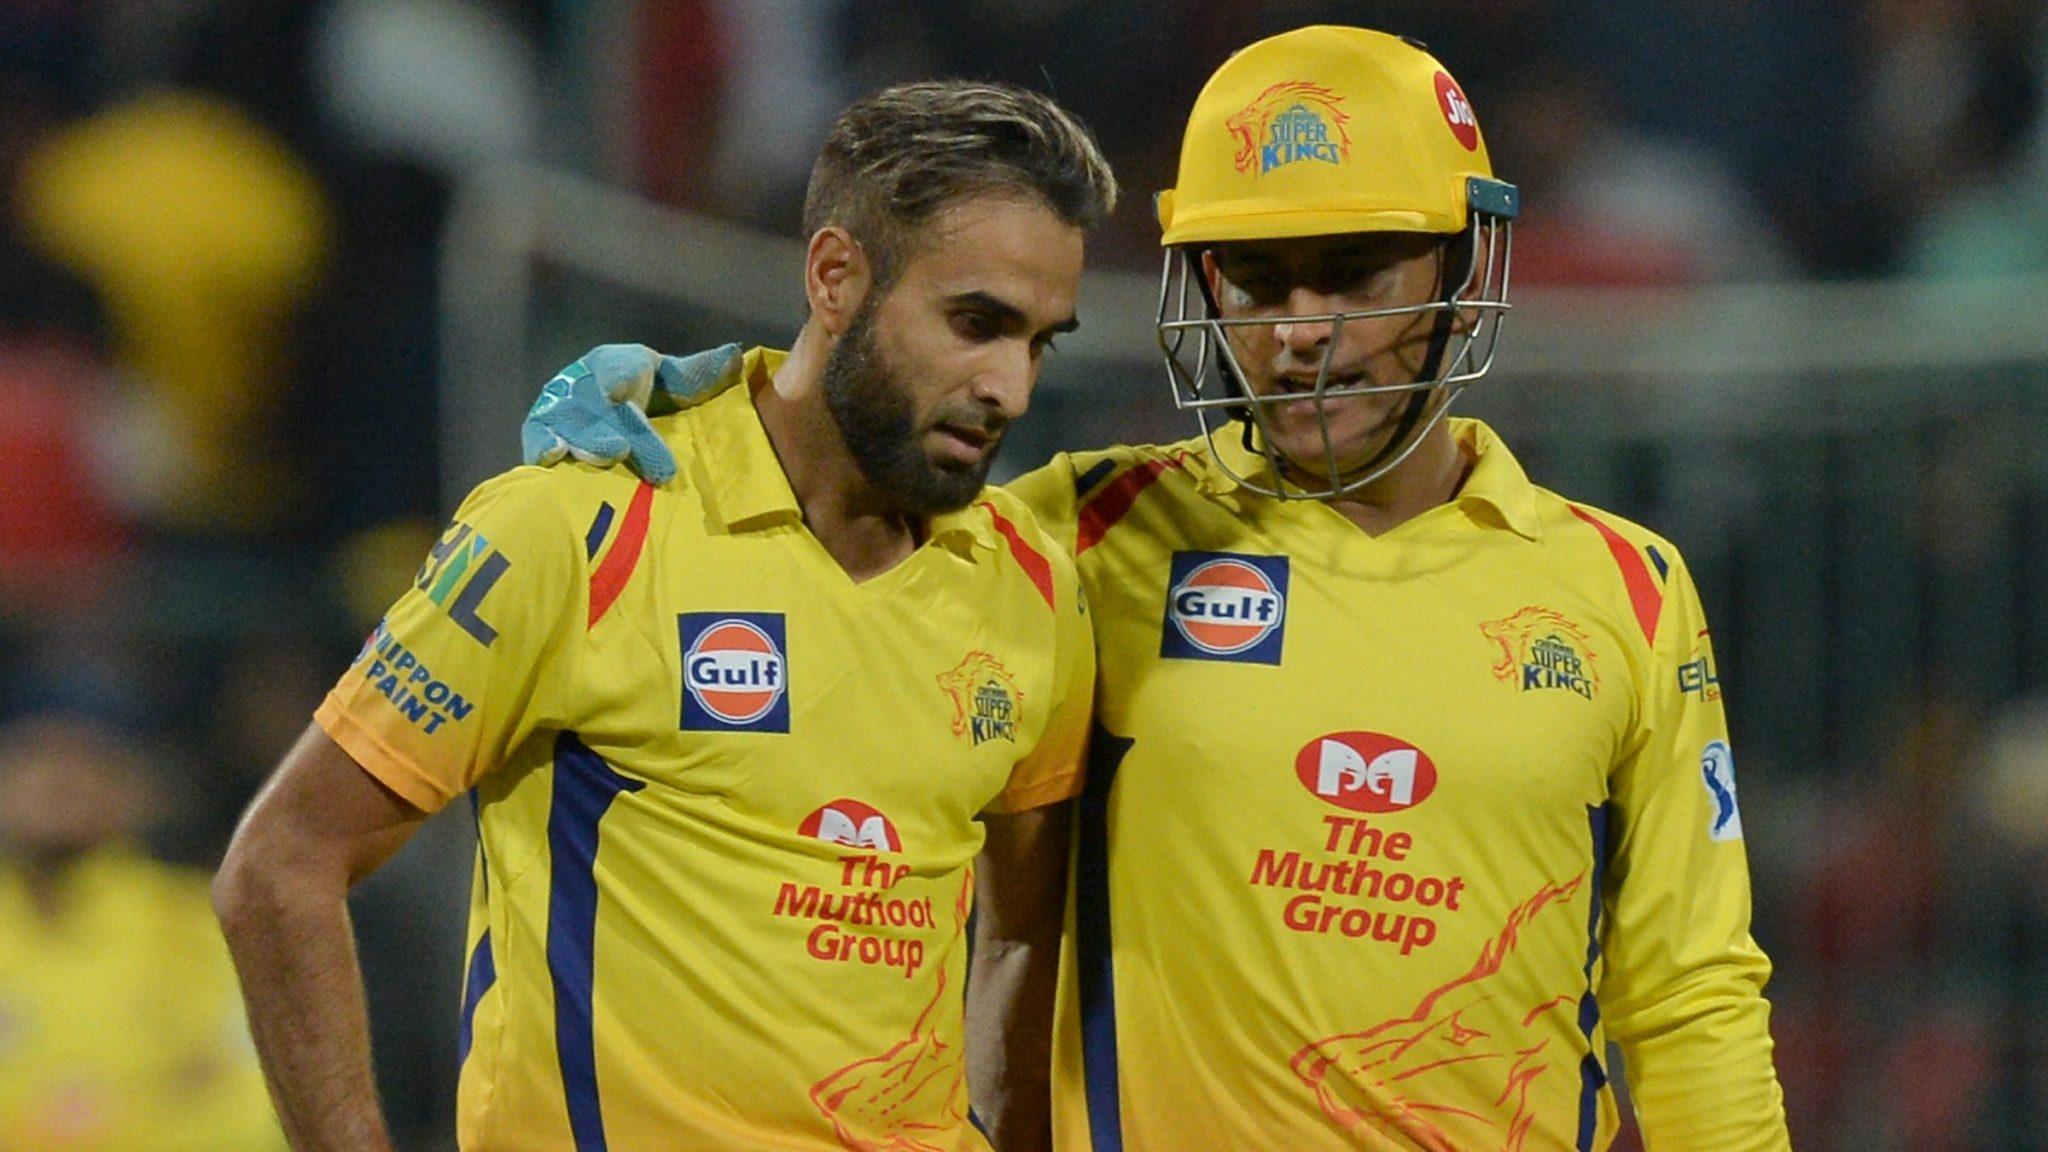 IPL 2019- धोनी ने बनाया इमरान ताहिर के विकेट लेने के बाद जश्न मनाने के अंदाज का मजाक, कहा इस वजह से नहीं देता बधाई 8